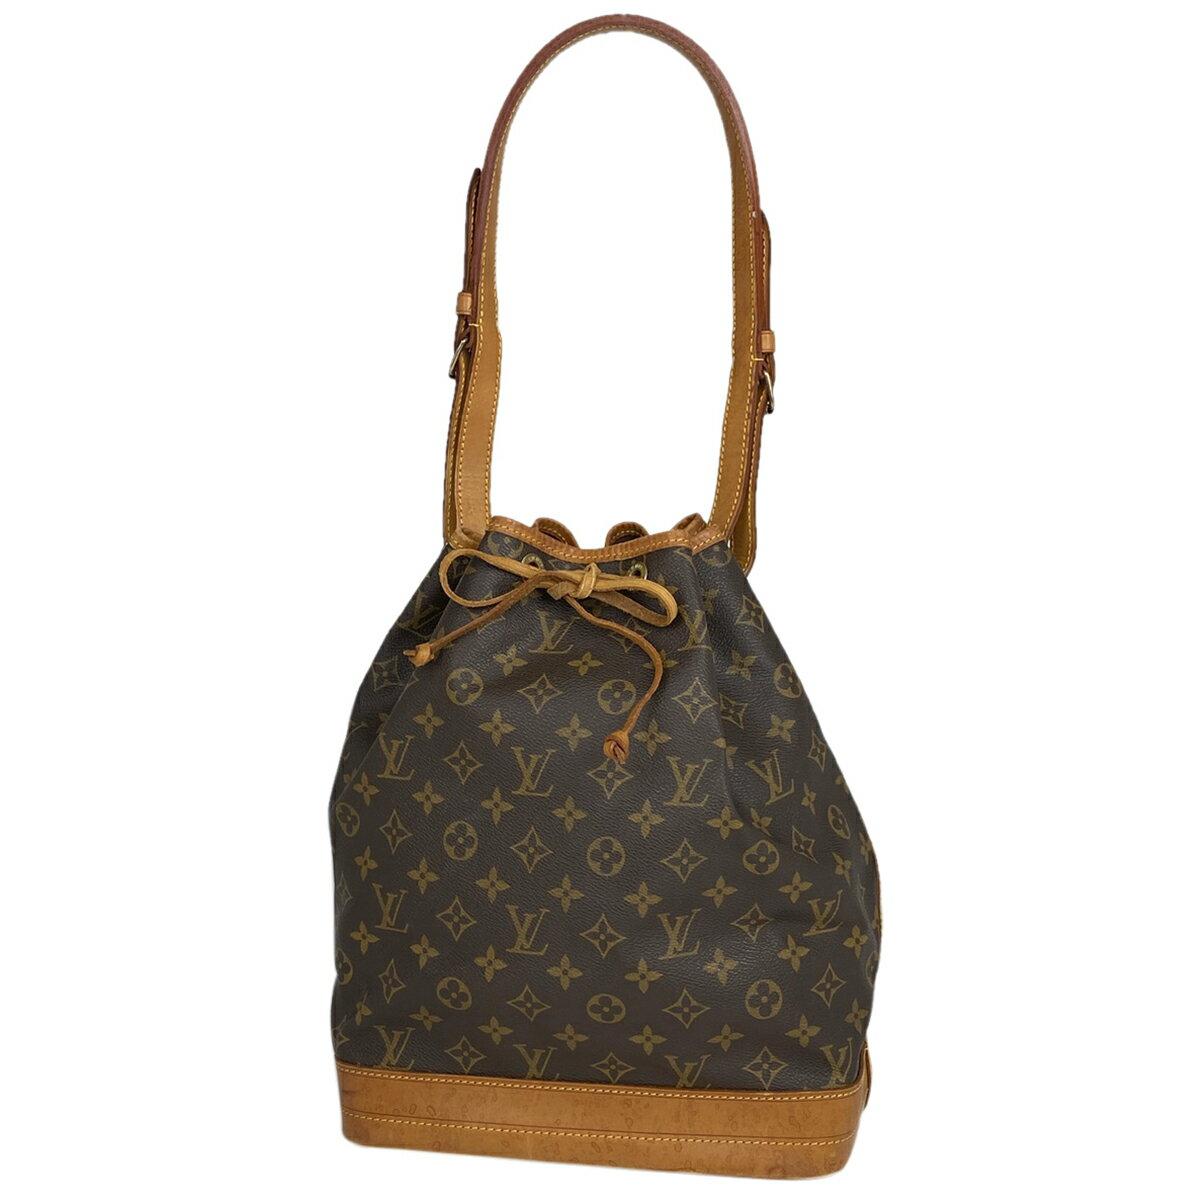 レディースバッグ, ショルダーバッグ・メッセンジャーバッグ  Louis Vuitton M42224